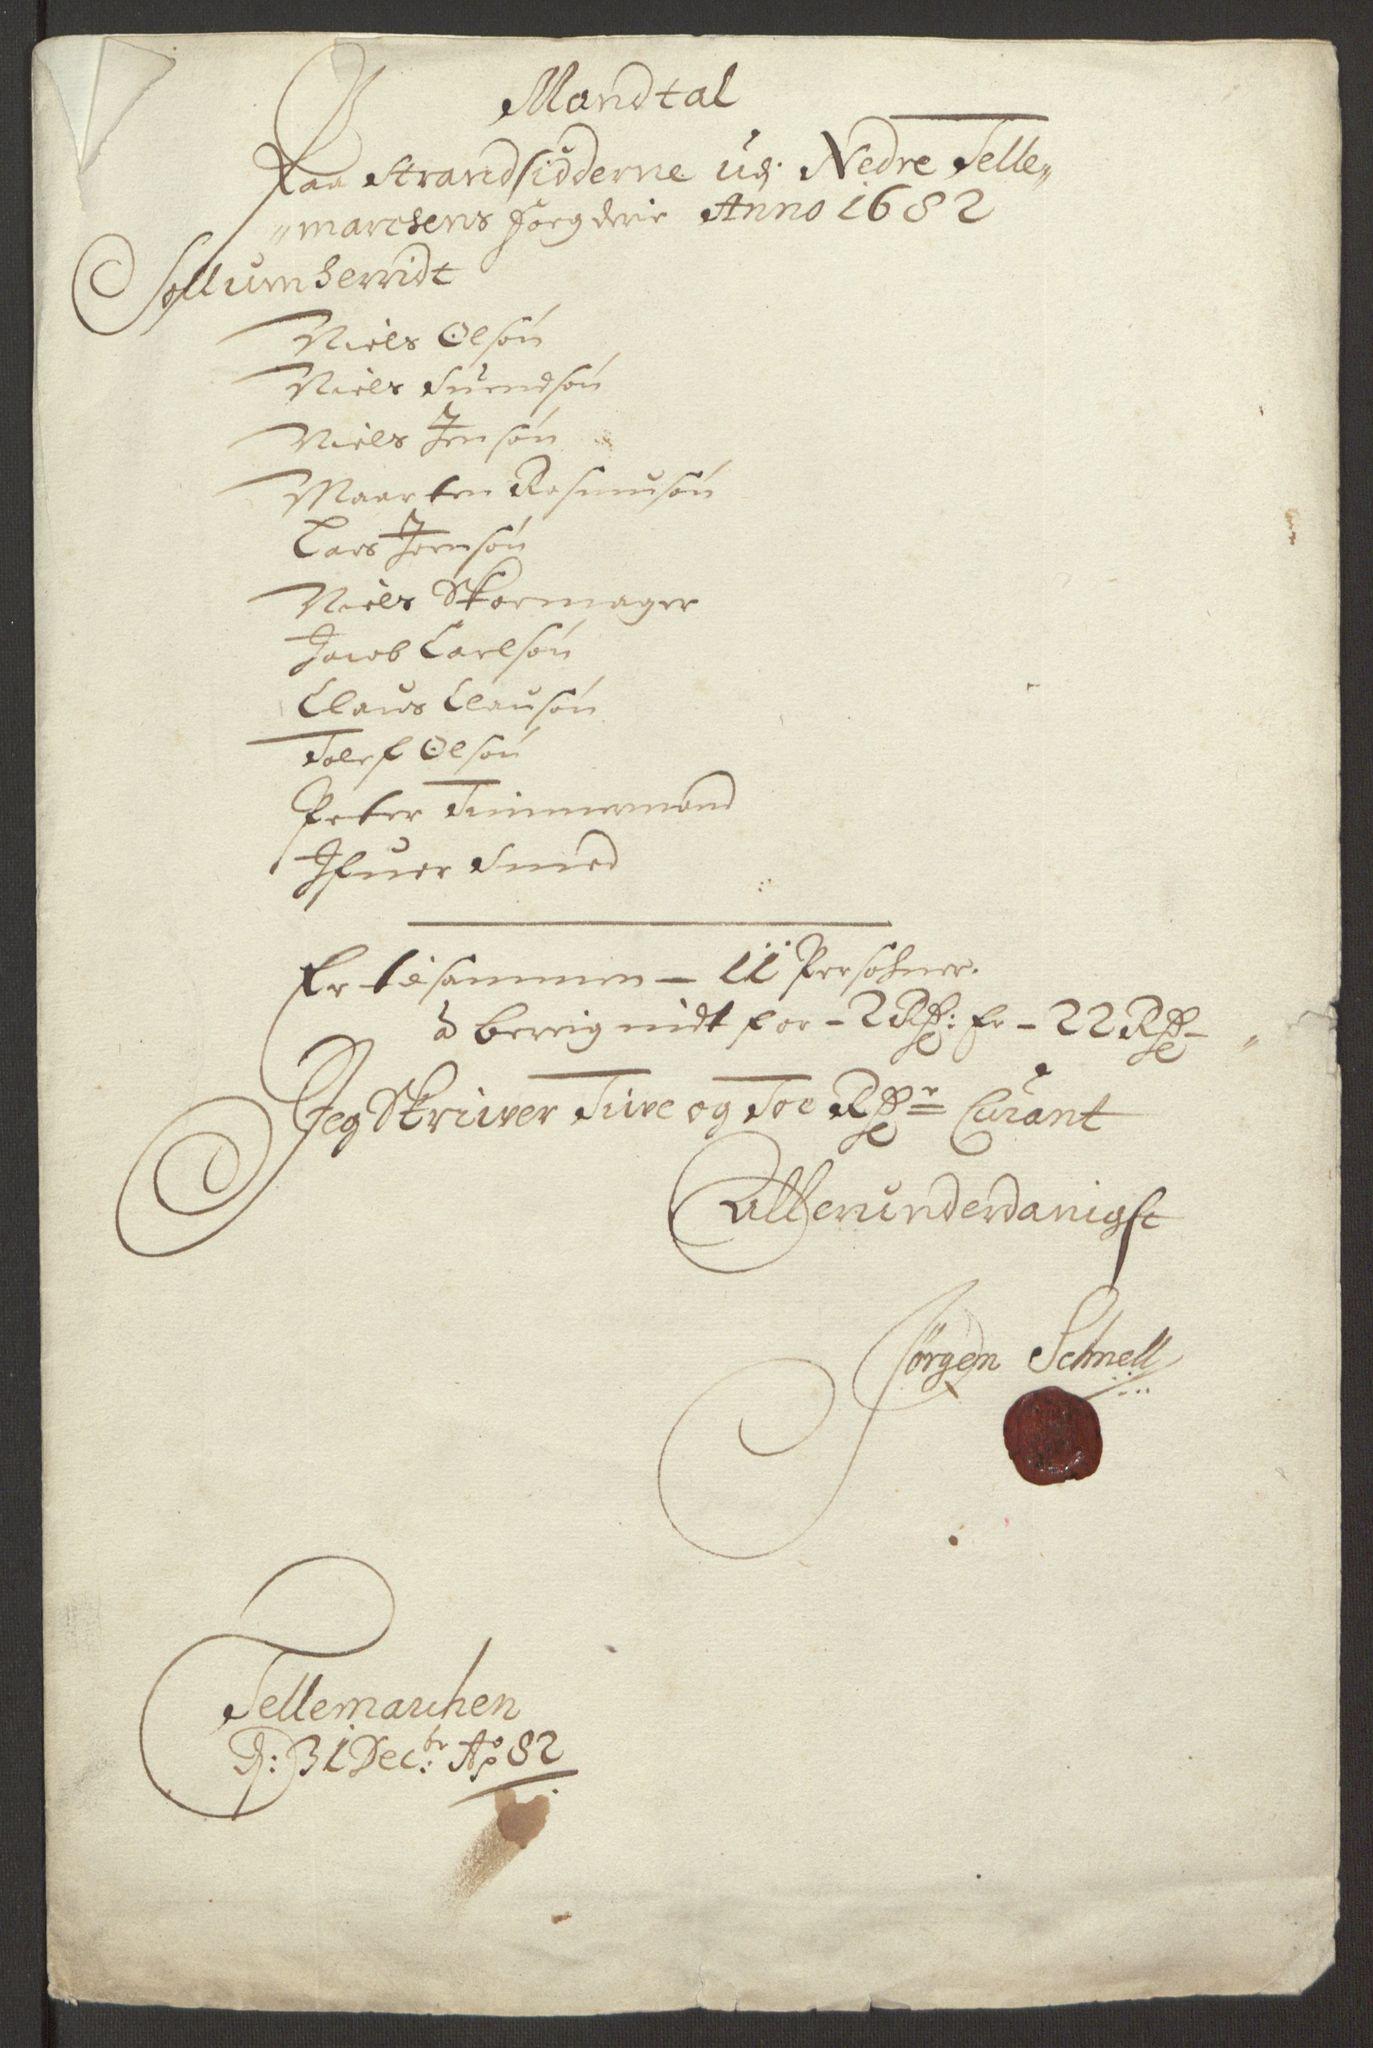 RA, Rentekammeret inntil 1814, Reviderte regnskaper, Fogderegnskap, R35/L2078: Fogderegnskap Øvre og Nedre Telemark, 1680-1684, s. 248